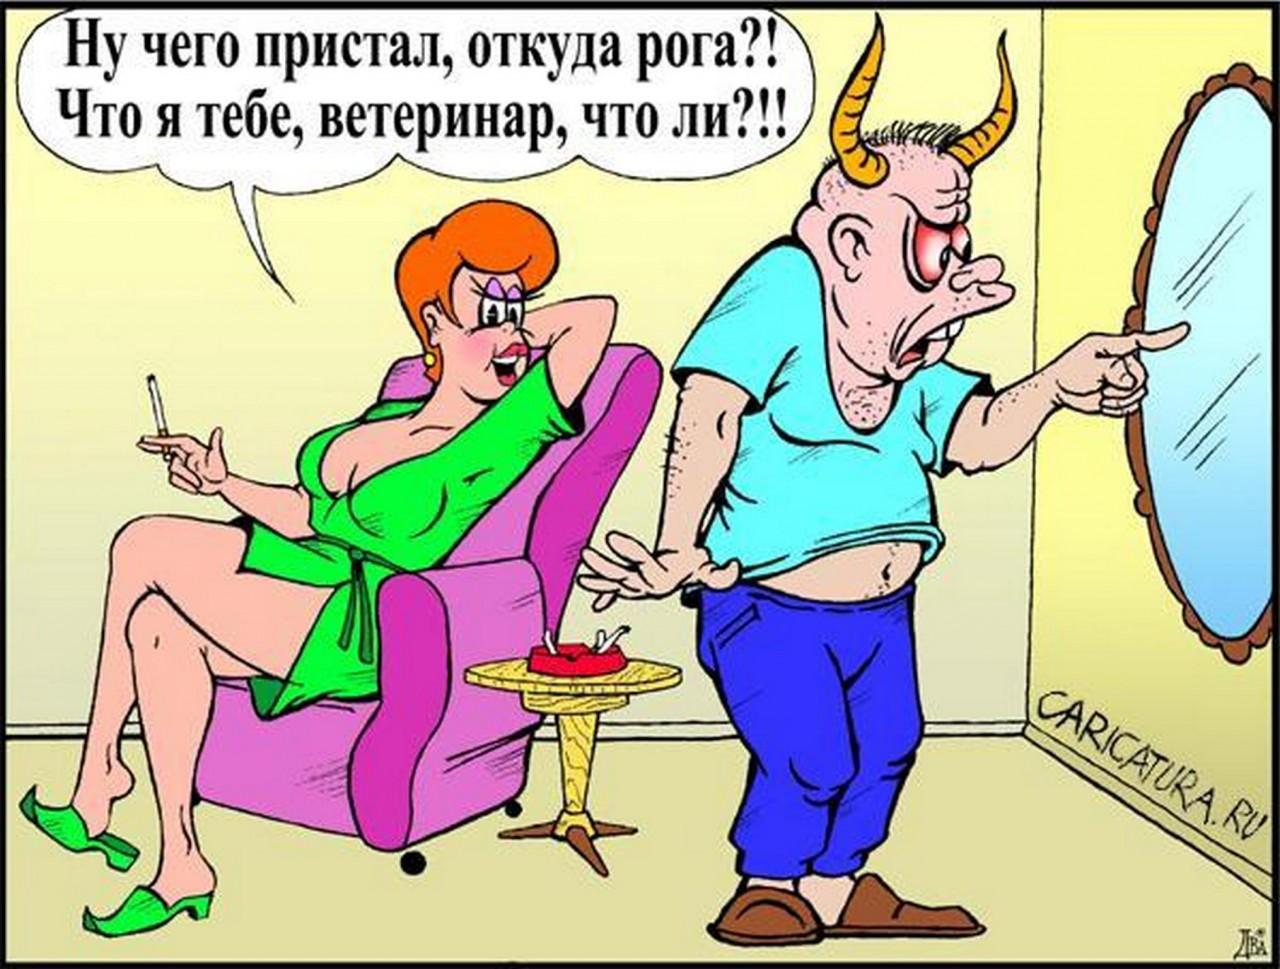 Жена изменяет мужу в командировке